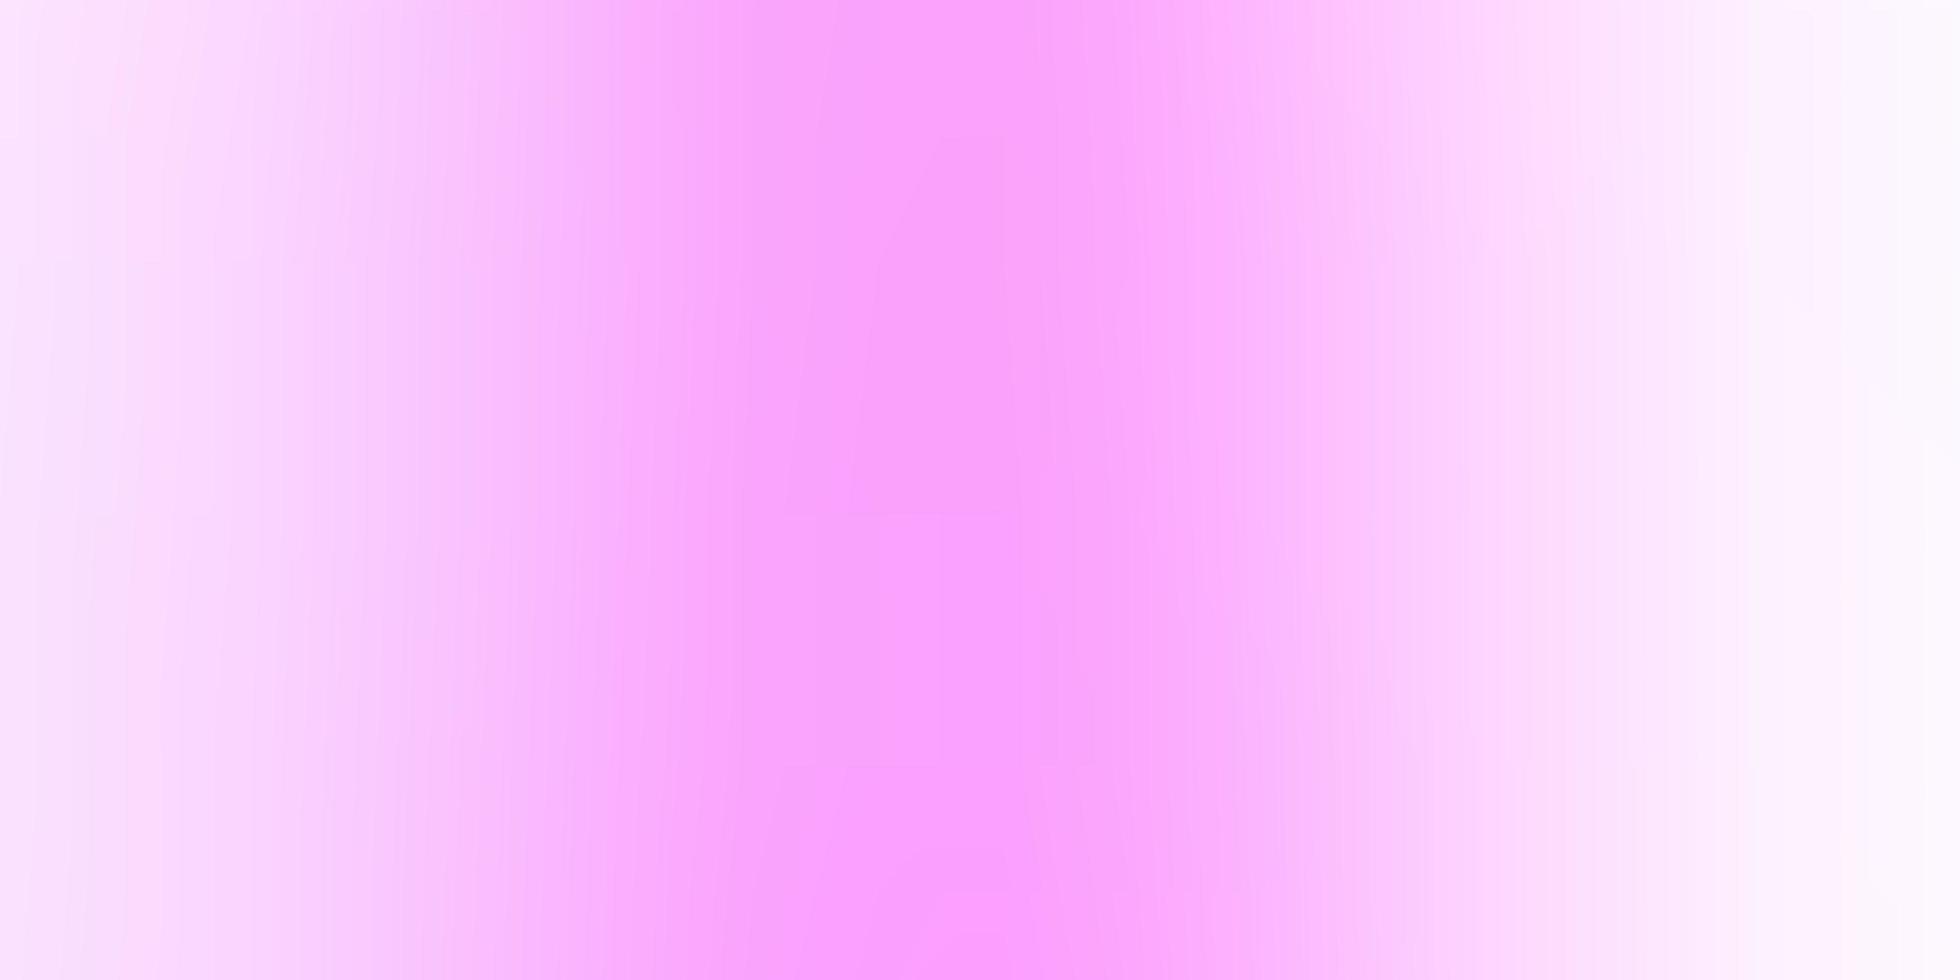 ljusrosa vektor suddigt mönster.